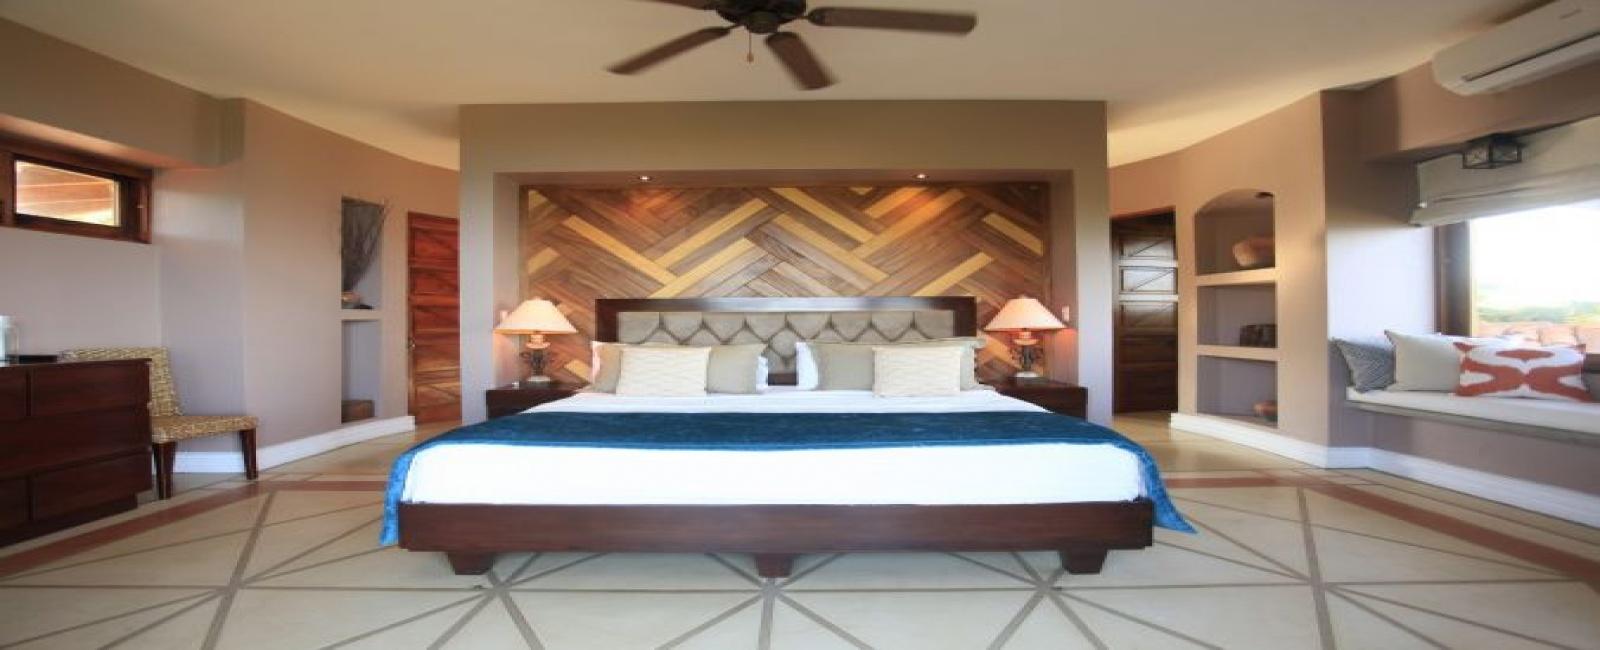 3 Bedrooms Bedrooms, ,4 BathroomsBathrooms,Villa,For Sale,1011